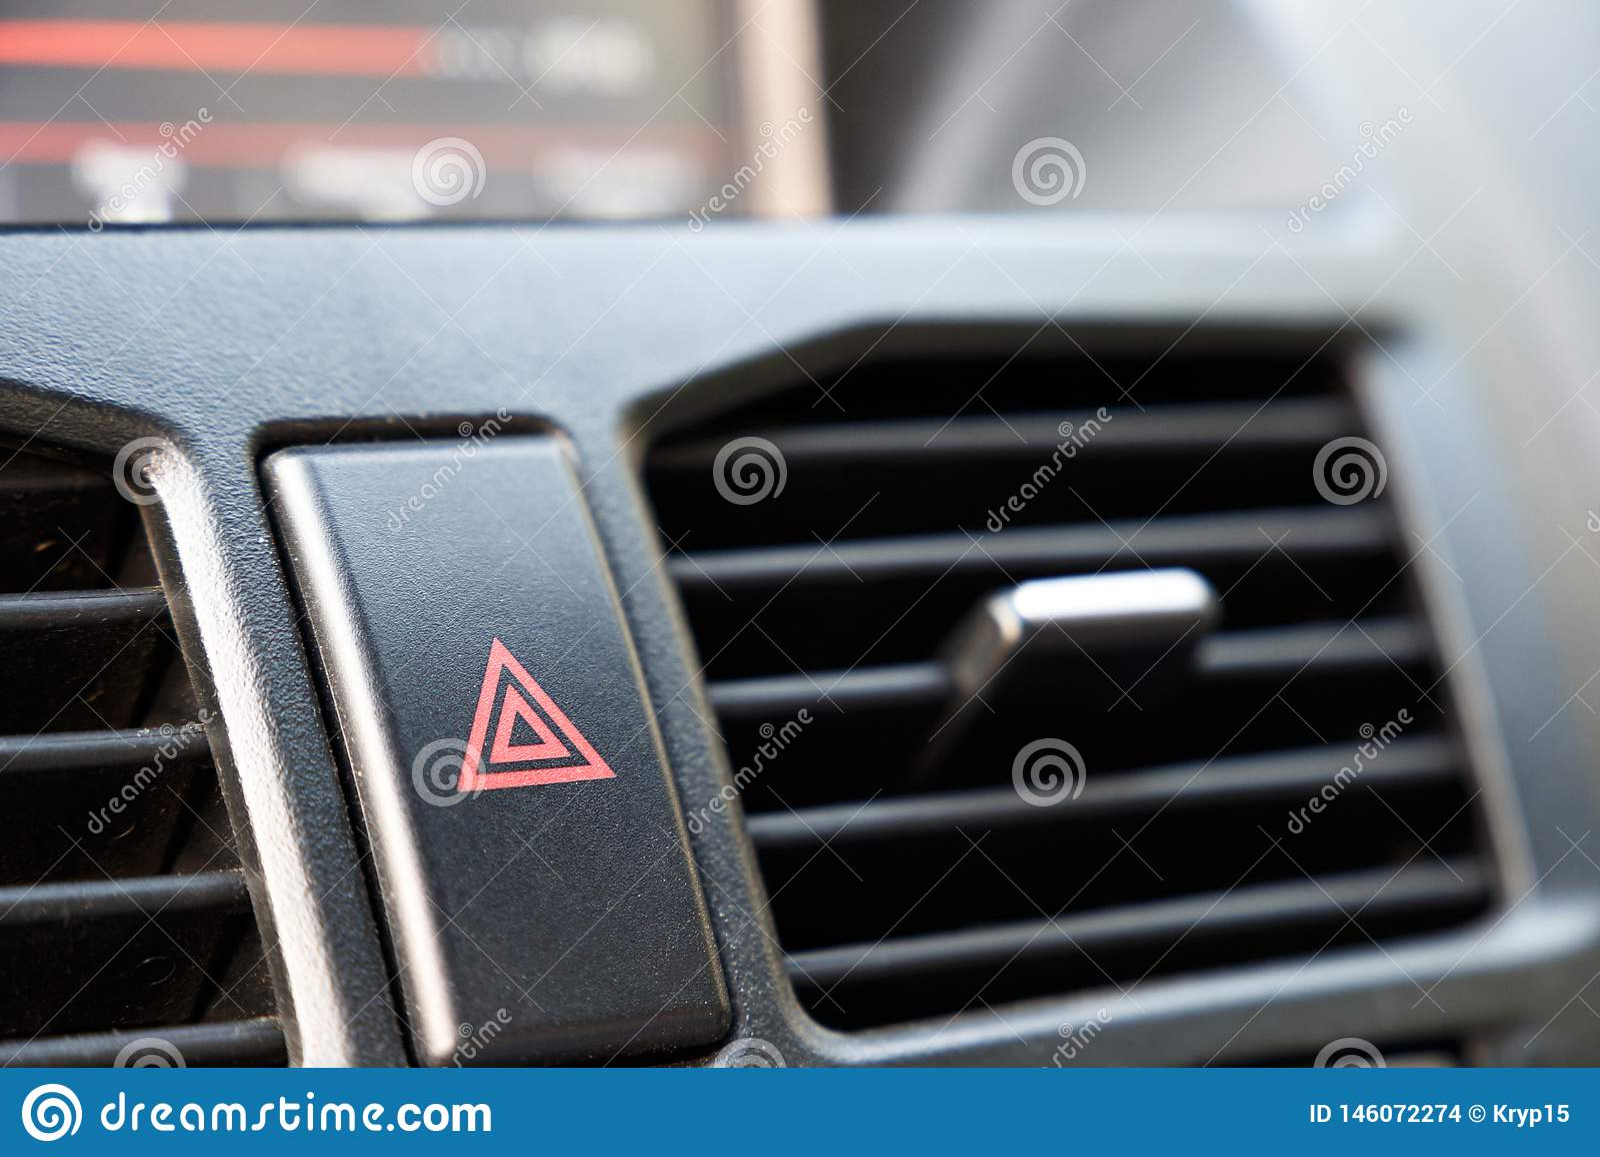 Кнопка аварийной остановки в автомобиле Предупреждение опасности и стопа